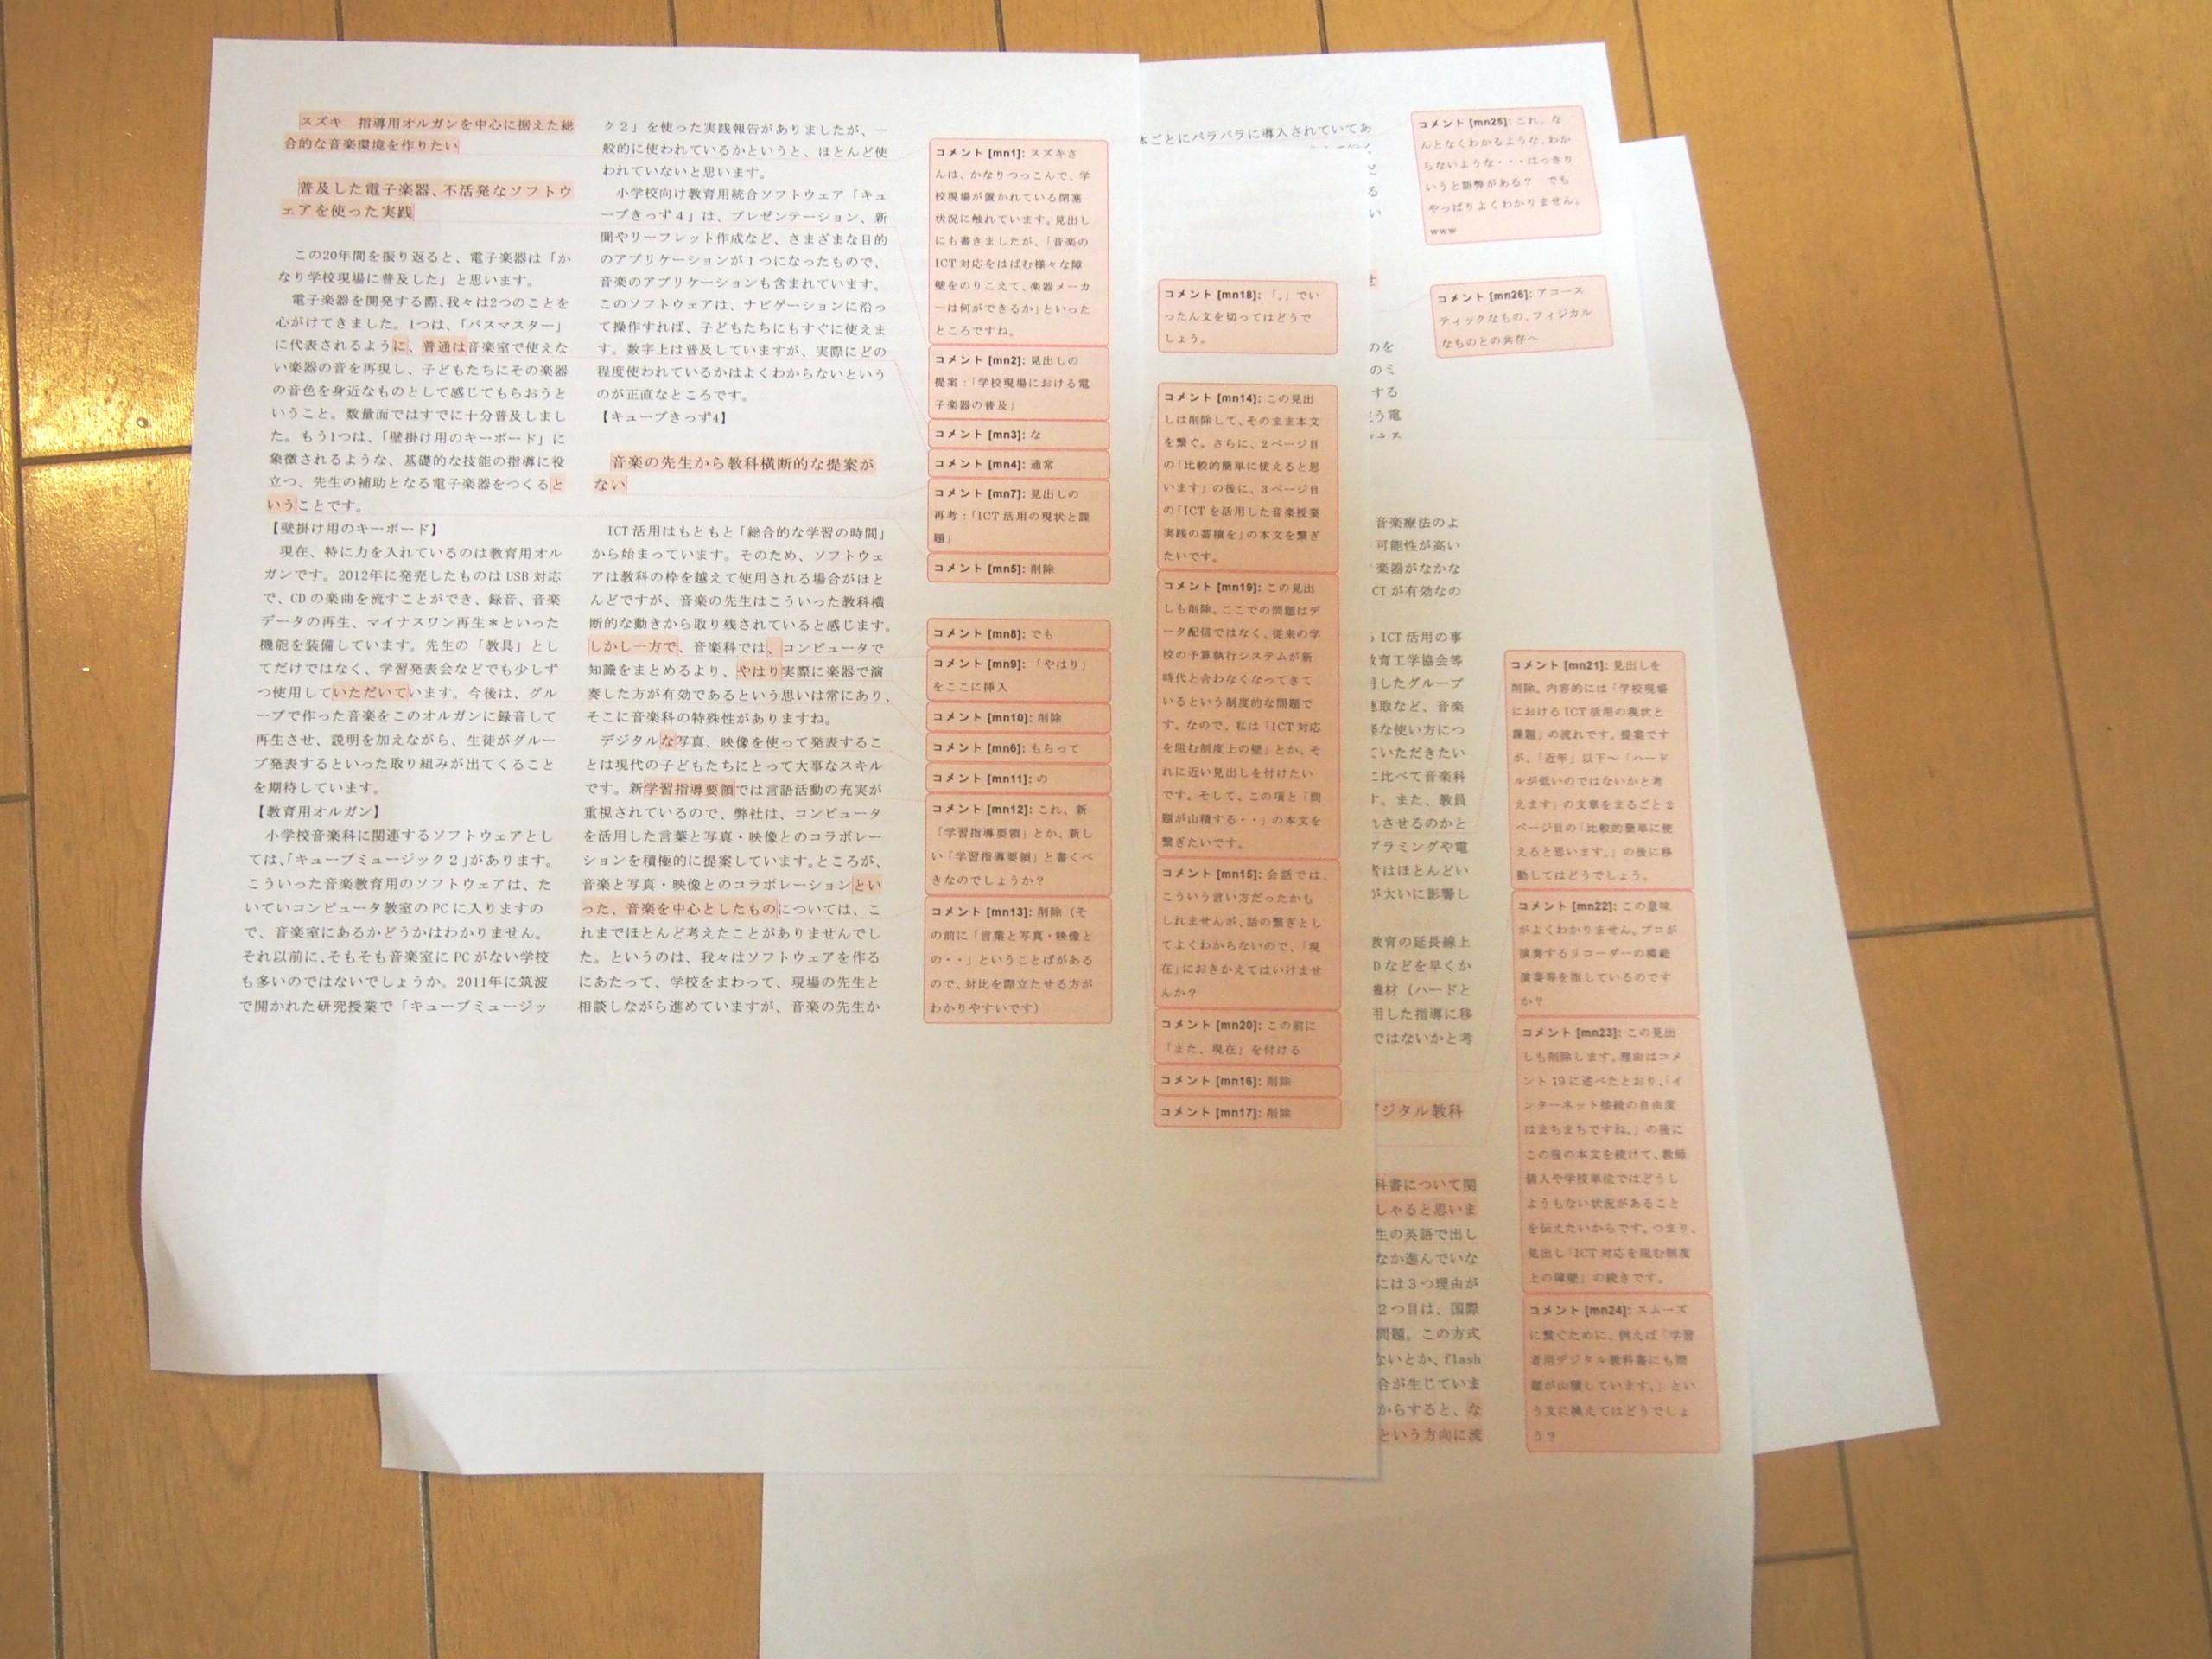 ファイル 281-1.jpg